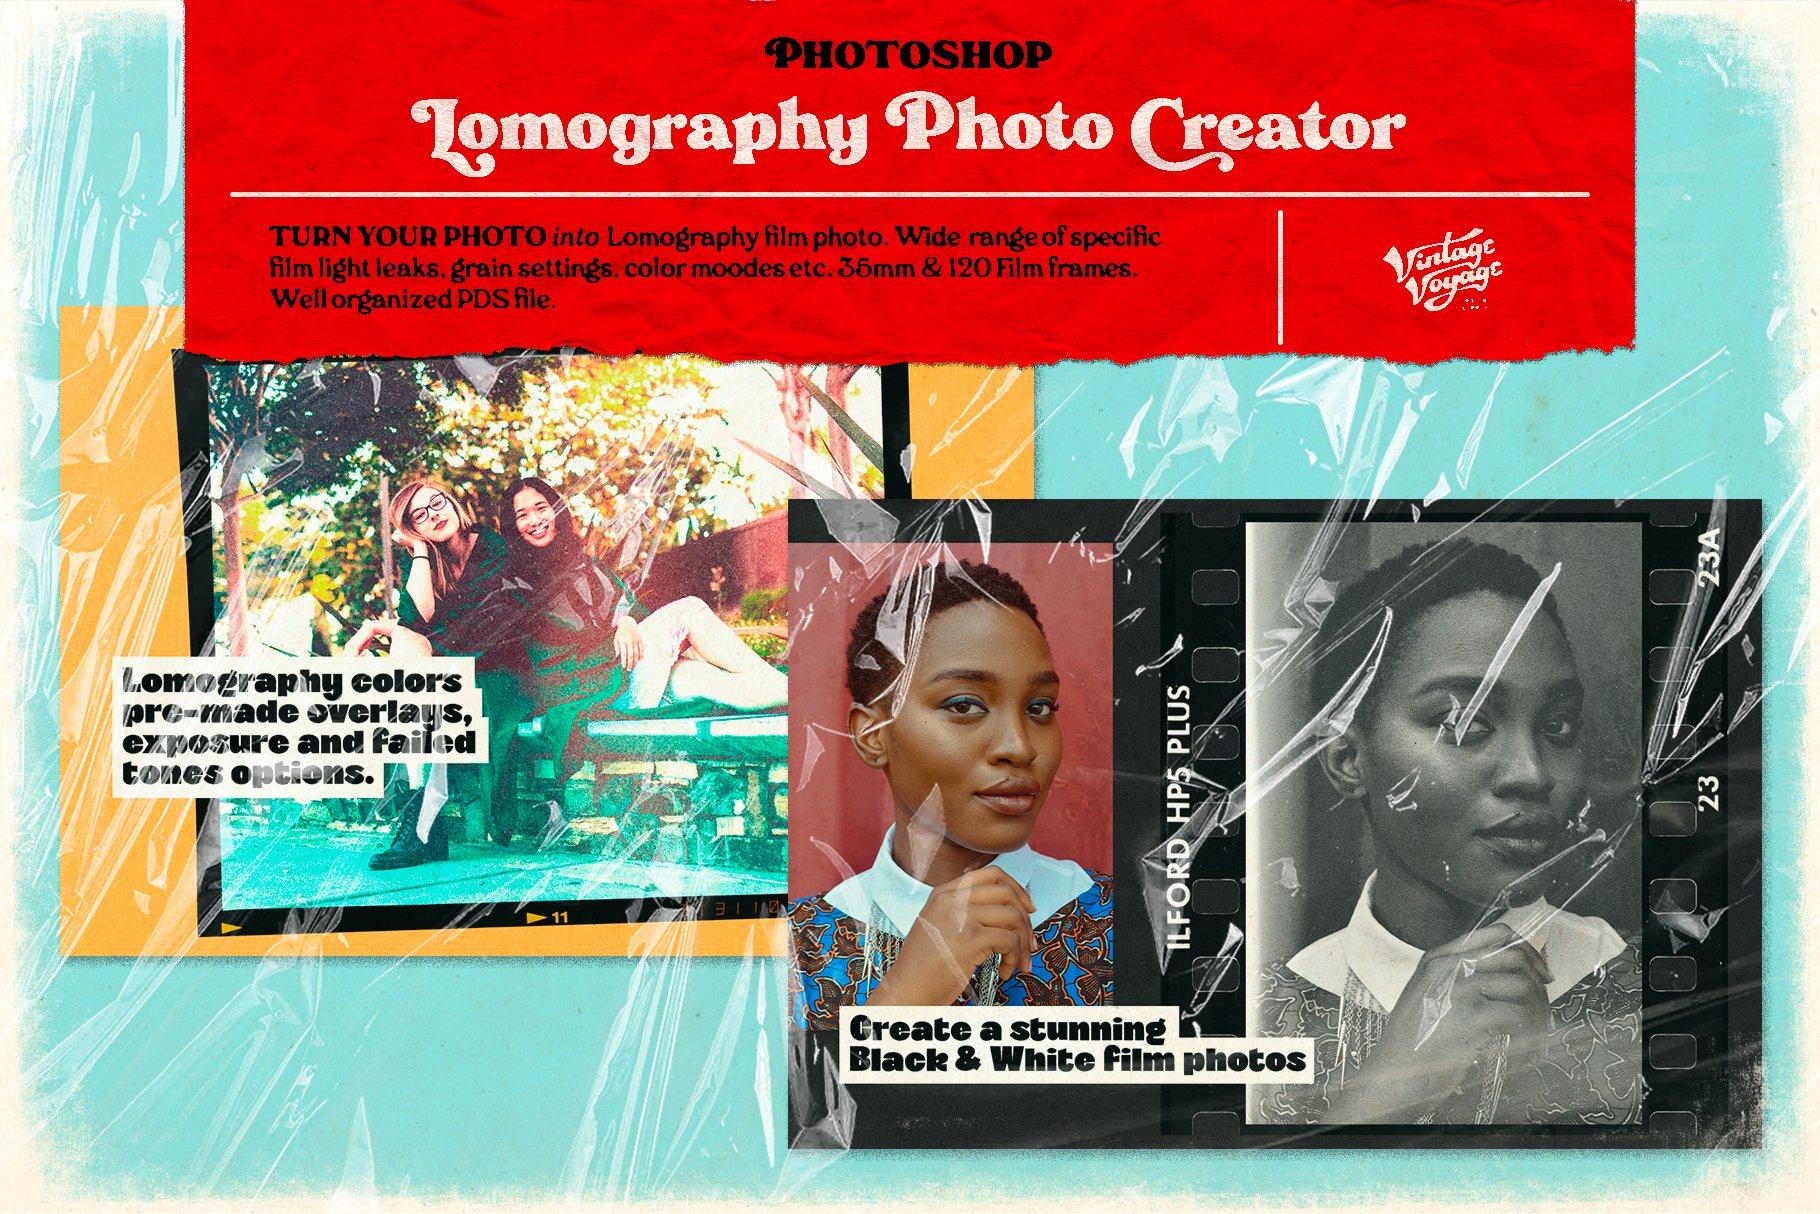 7款潮流素描水彩半调胶片艺术海报效果照片处理特效PS素材套装 Photoshop Creator's Bundle • 7 in 1插图12